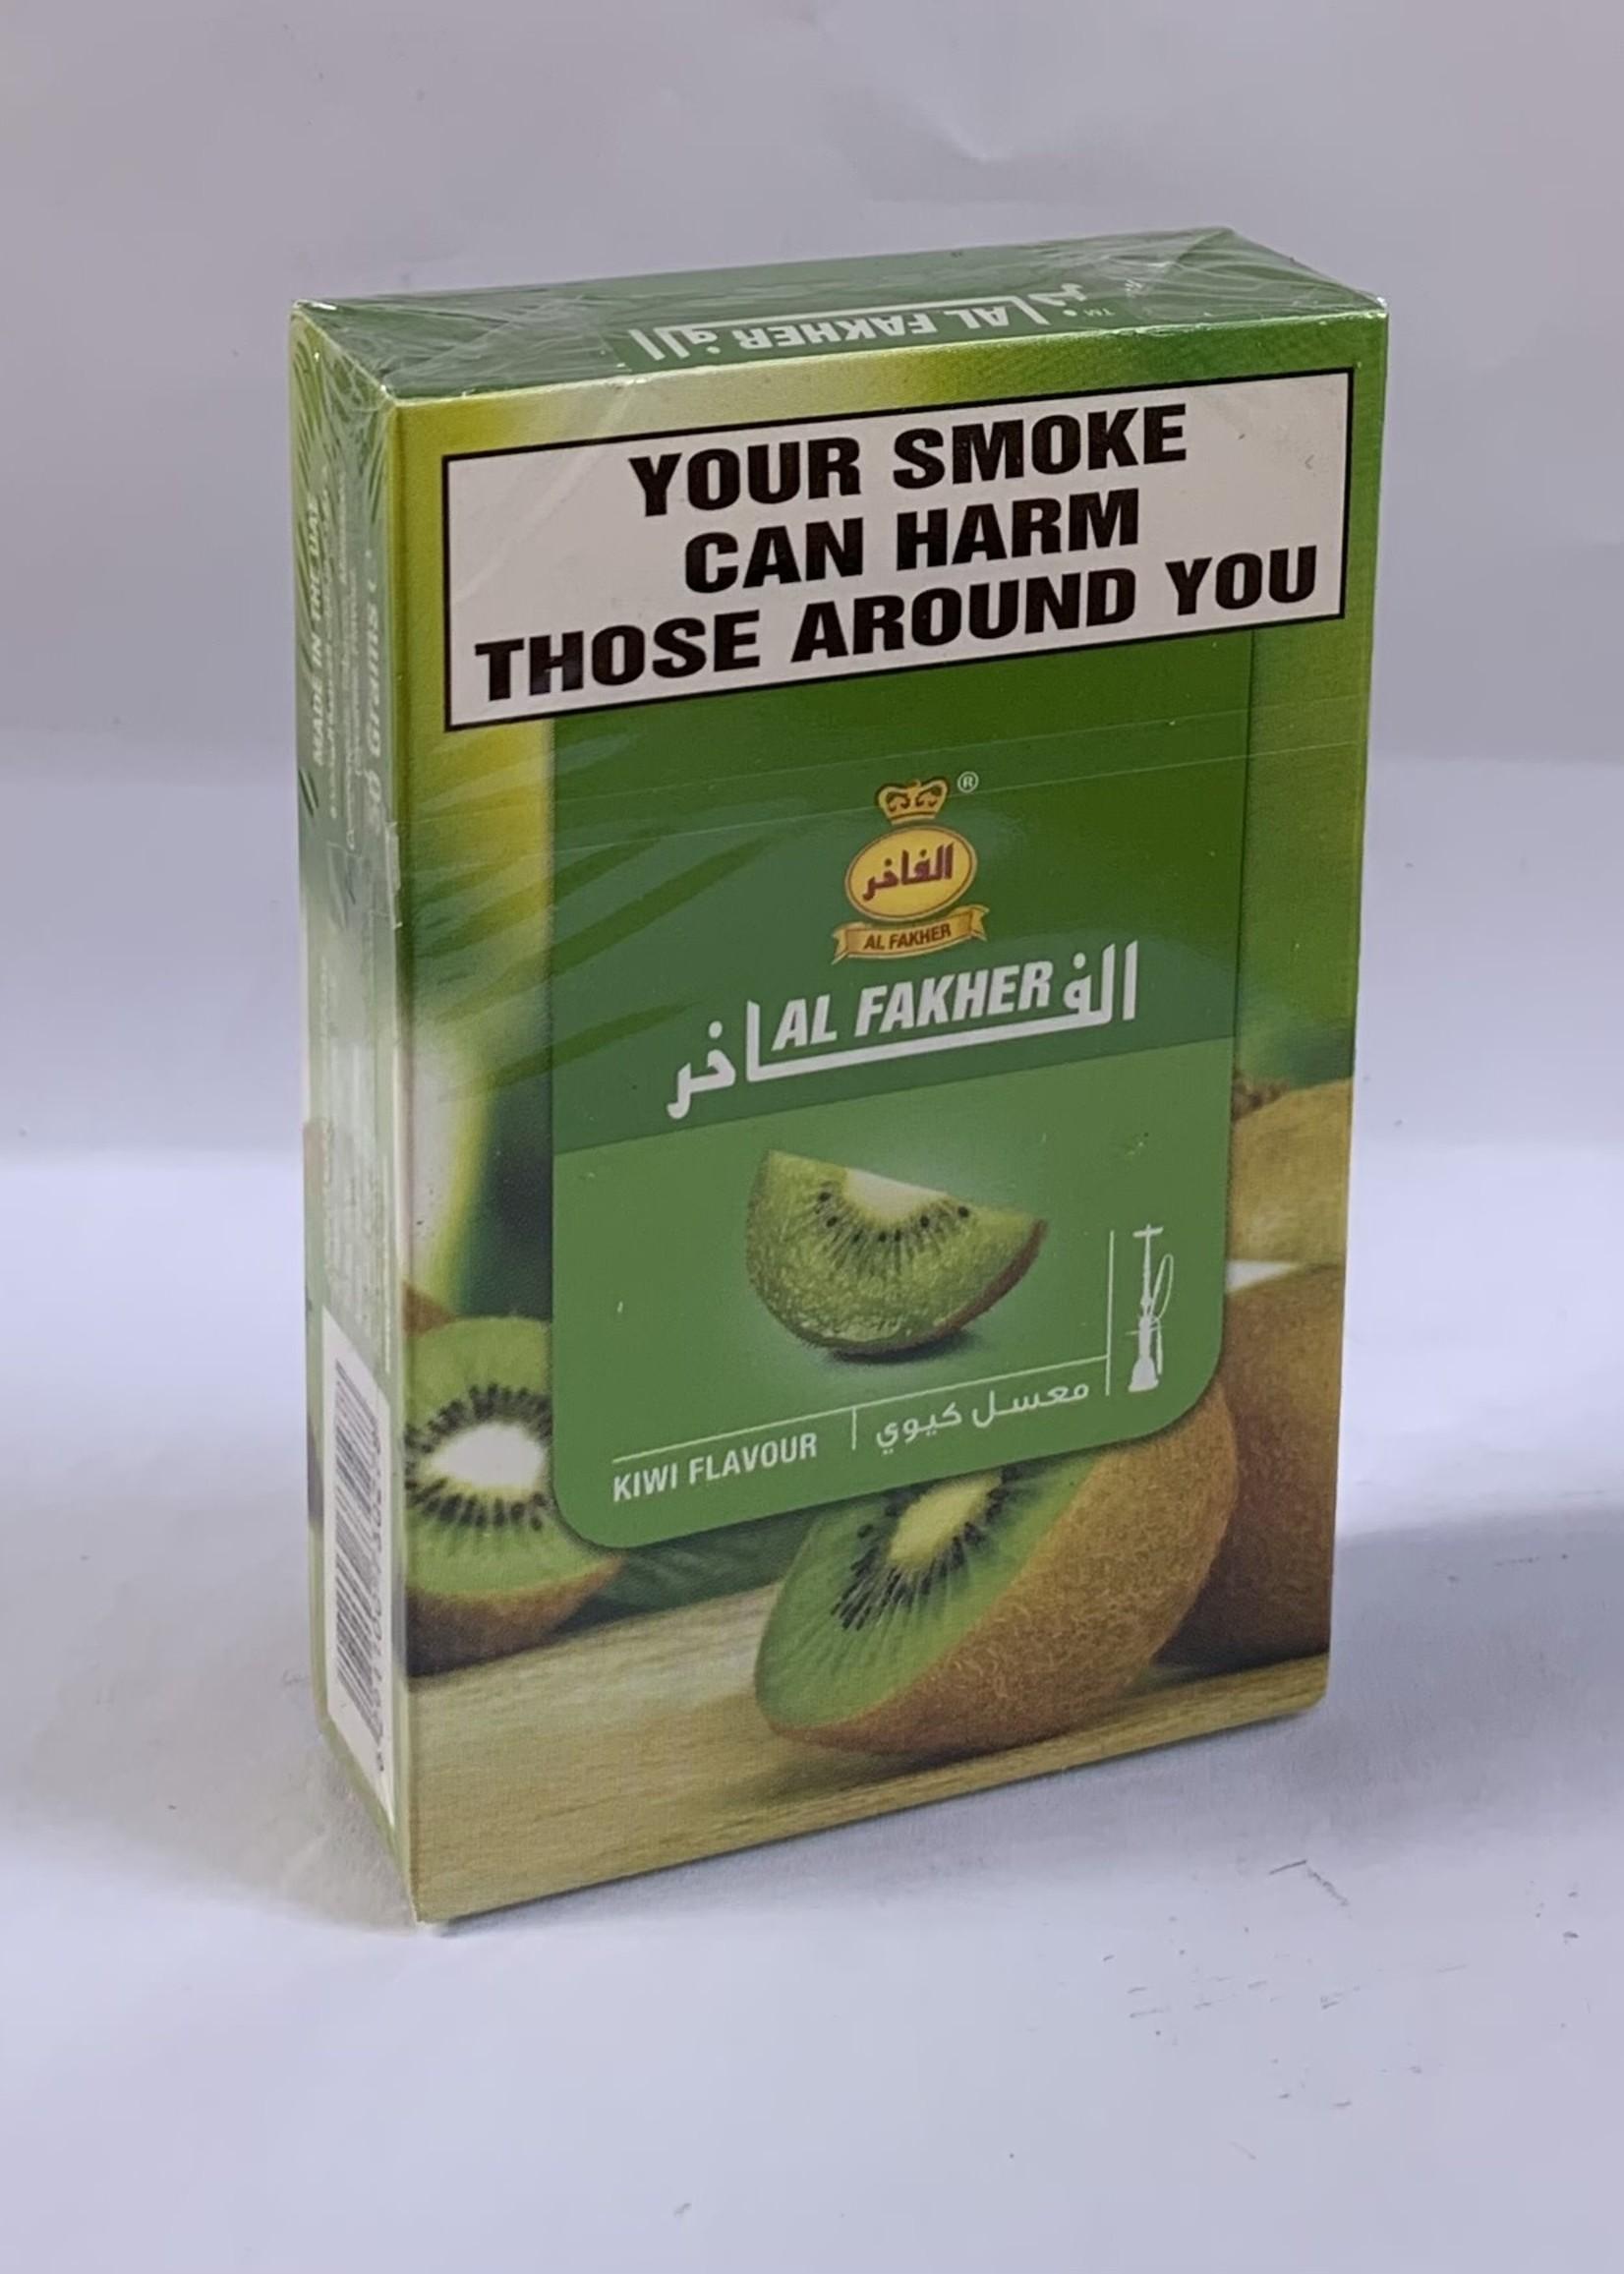 Al fakher hubbly flavour - kiwi